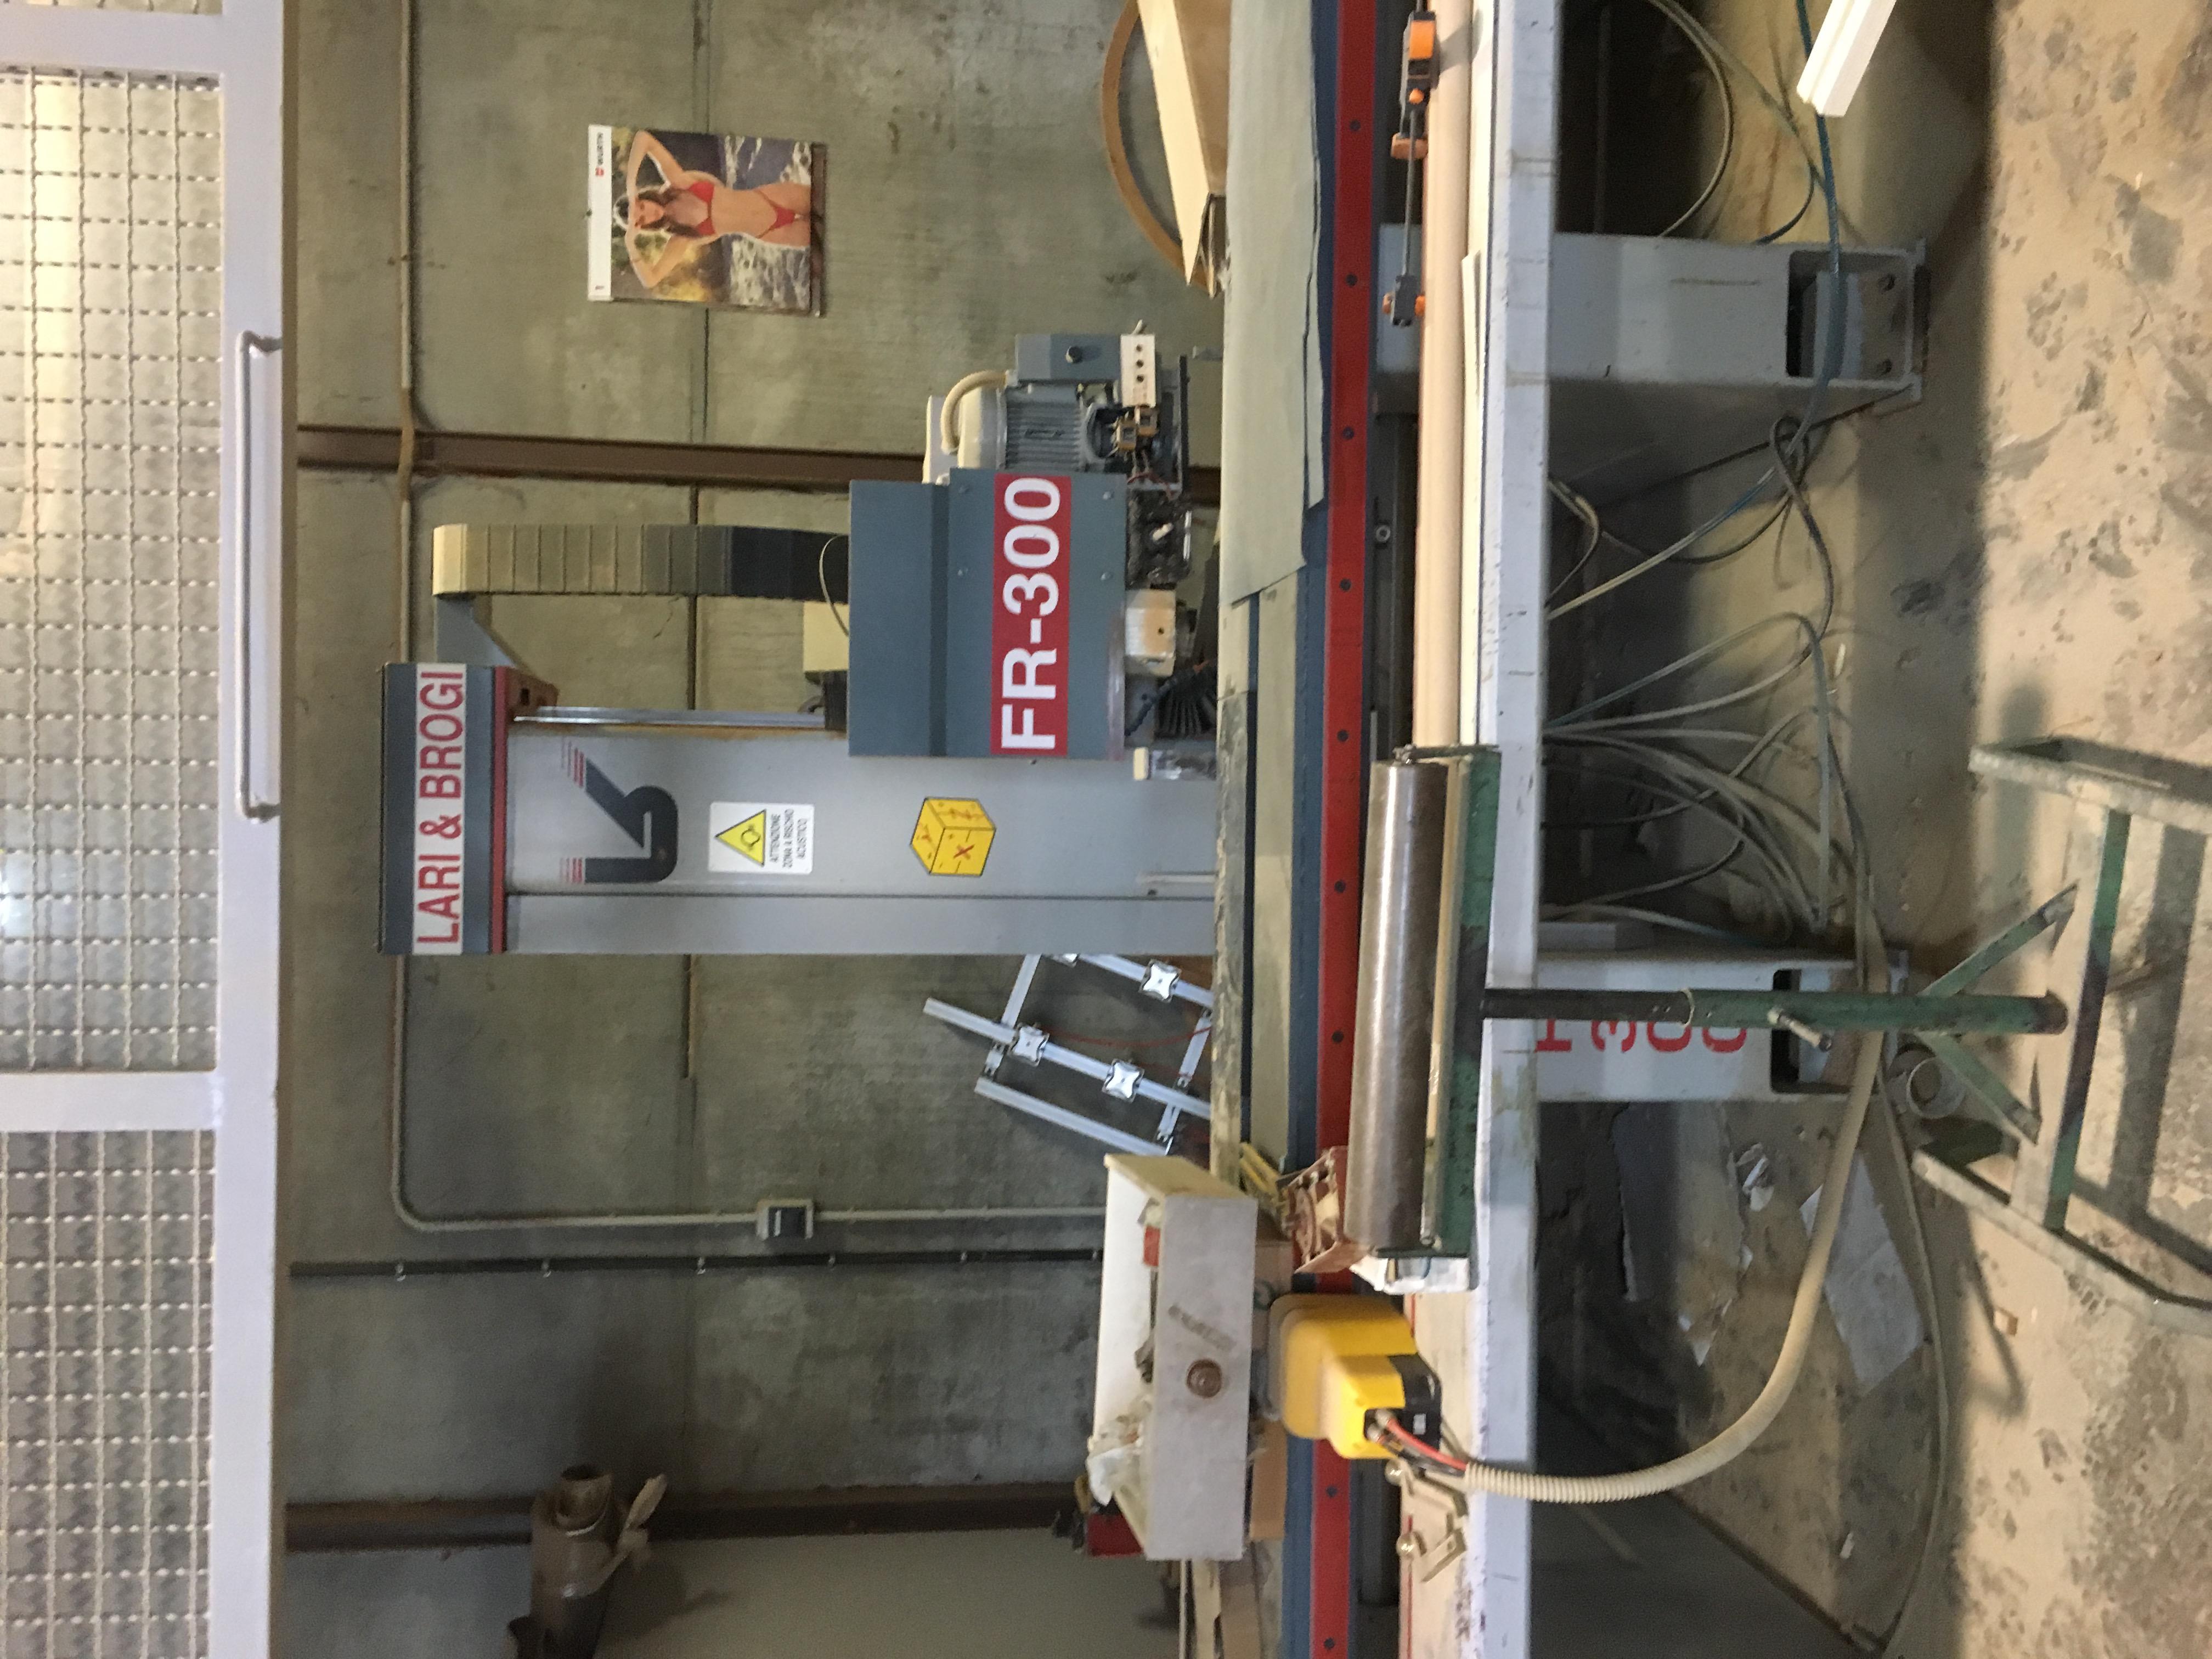 Macchine per la Lavorazione del Legno e Simili all'asta a Aosta - foto 1